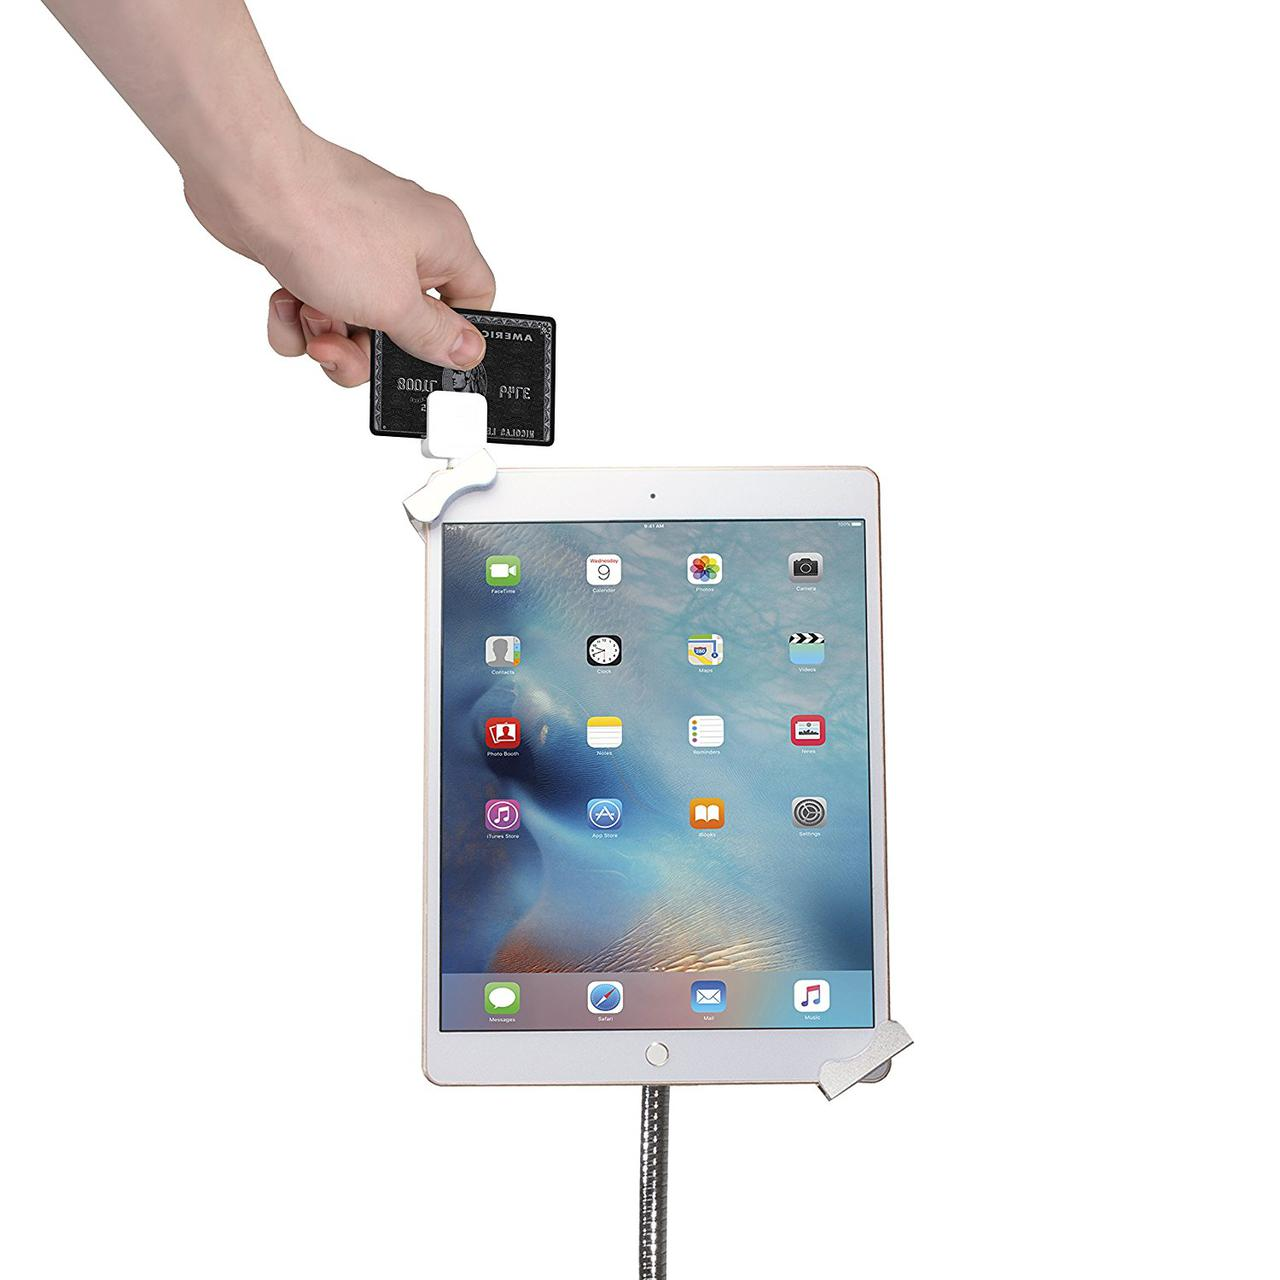 Напольная подставка для планшета 7-13 дюймов PAD-SHFS